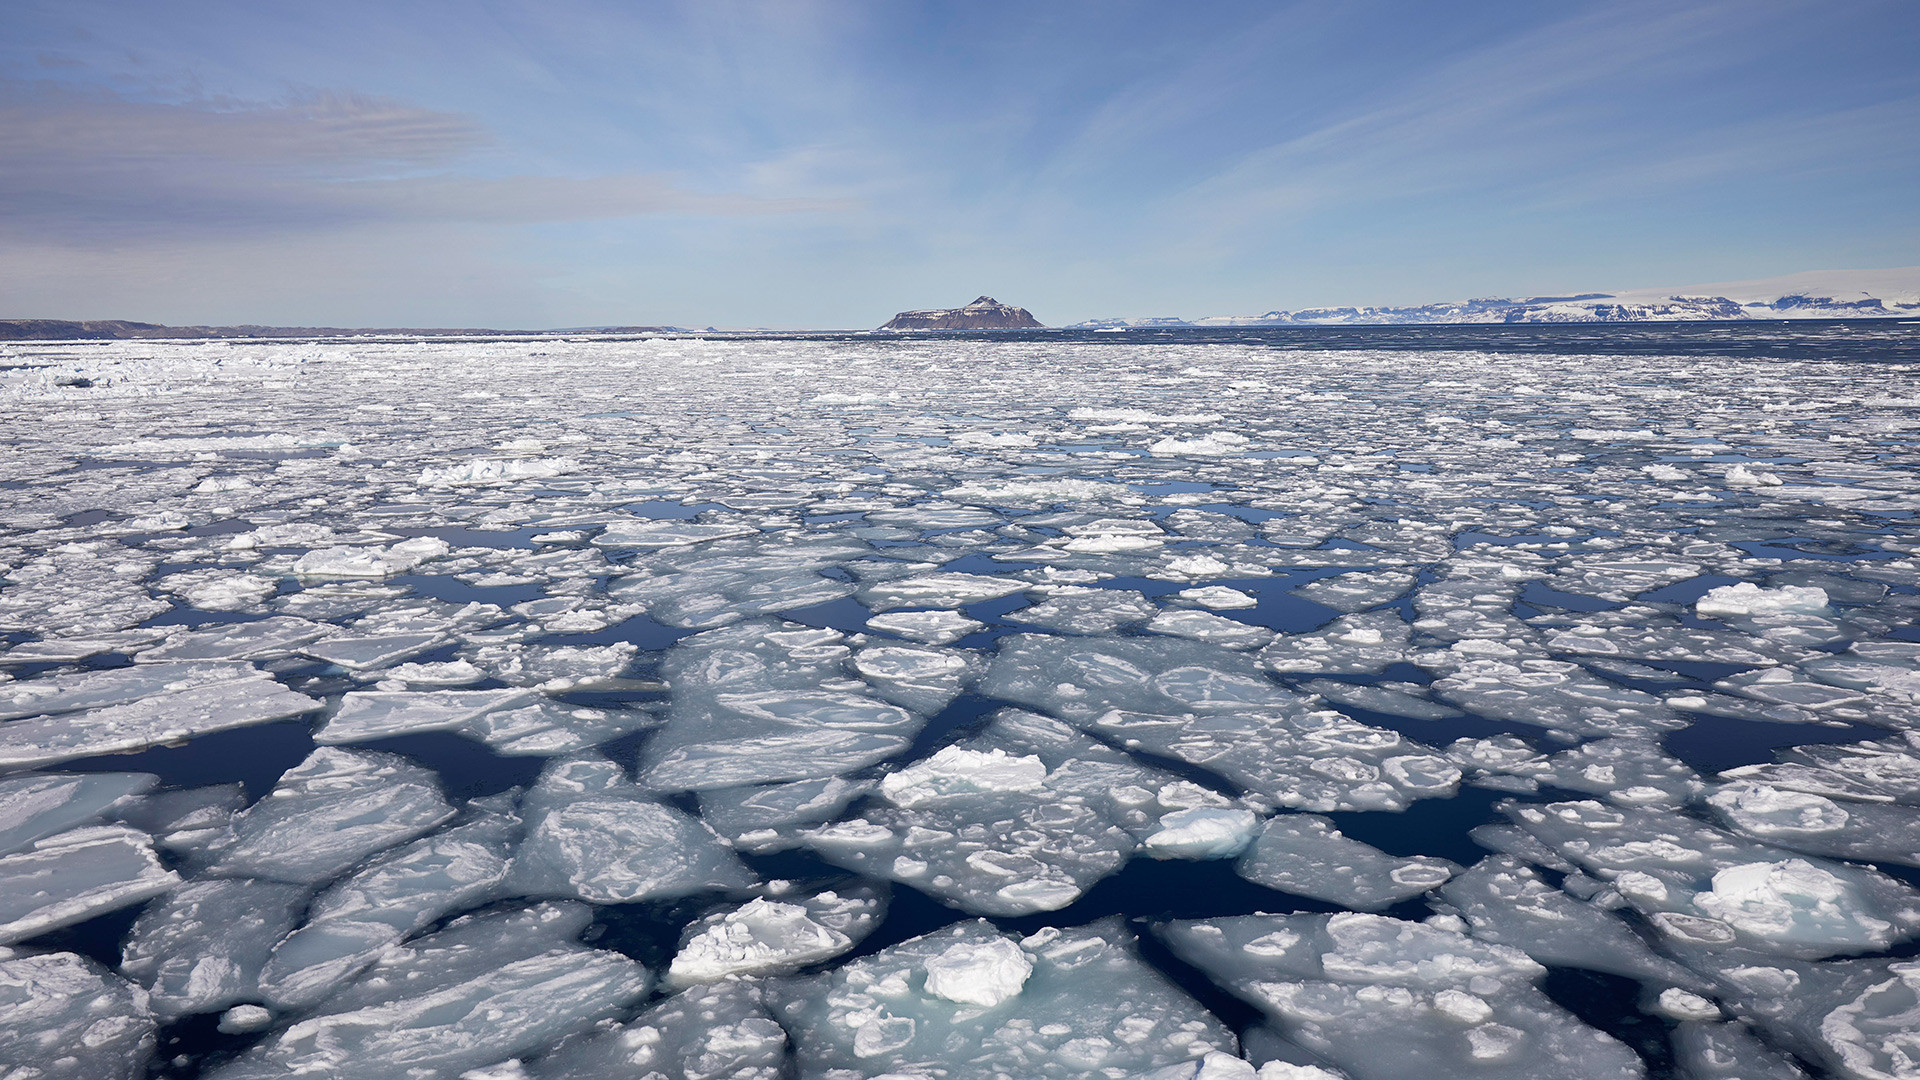 Калининградские учёные-океанологи будут изучать вечную мерзлоту Арктики